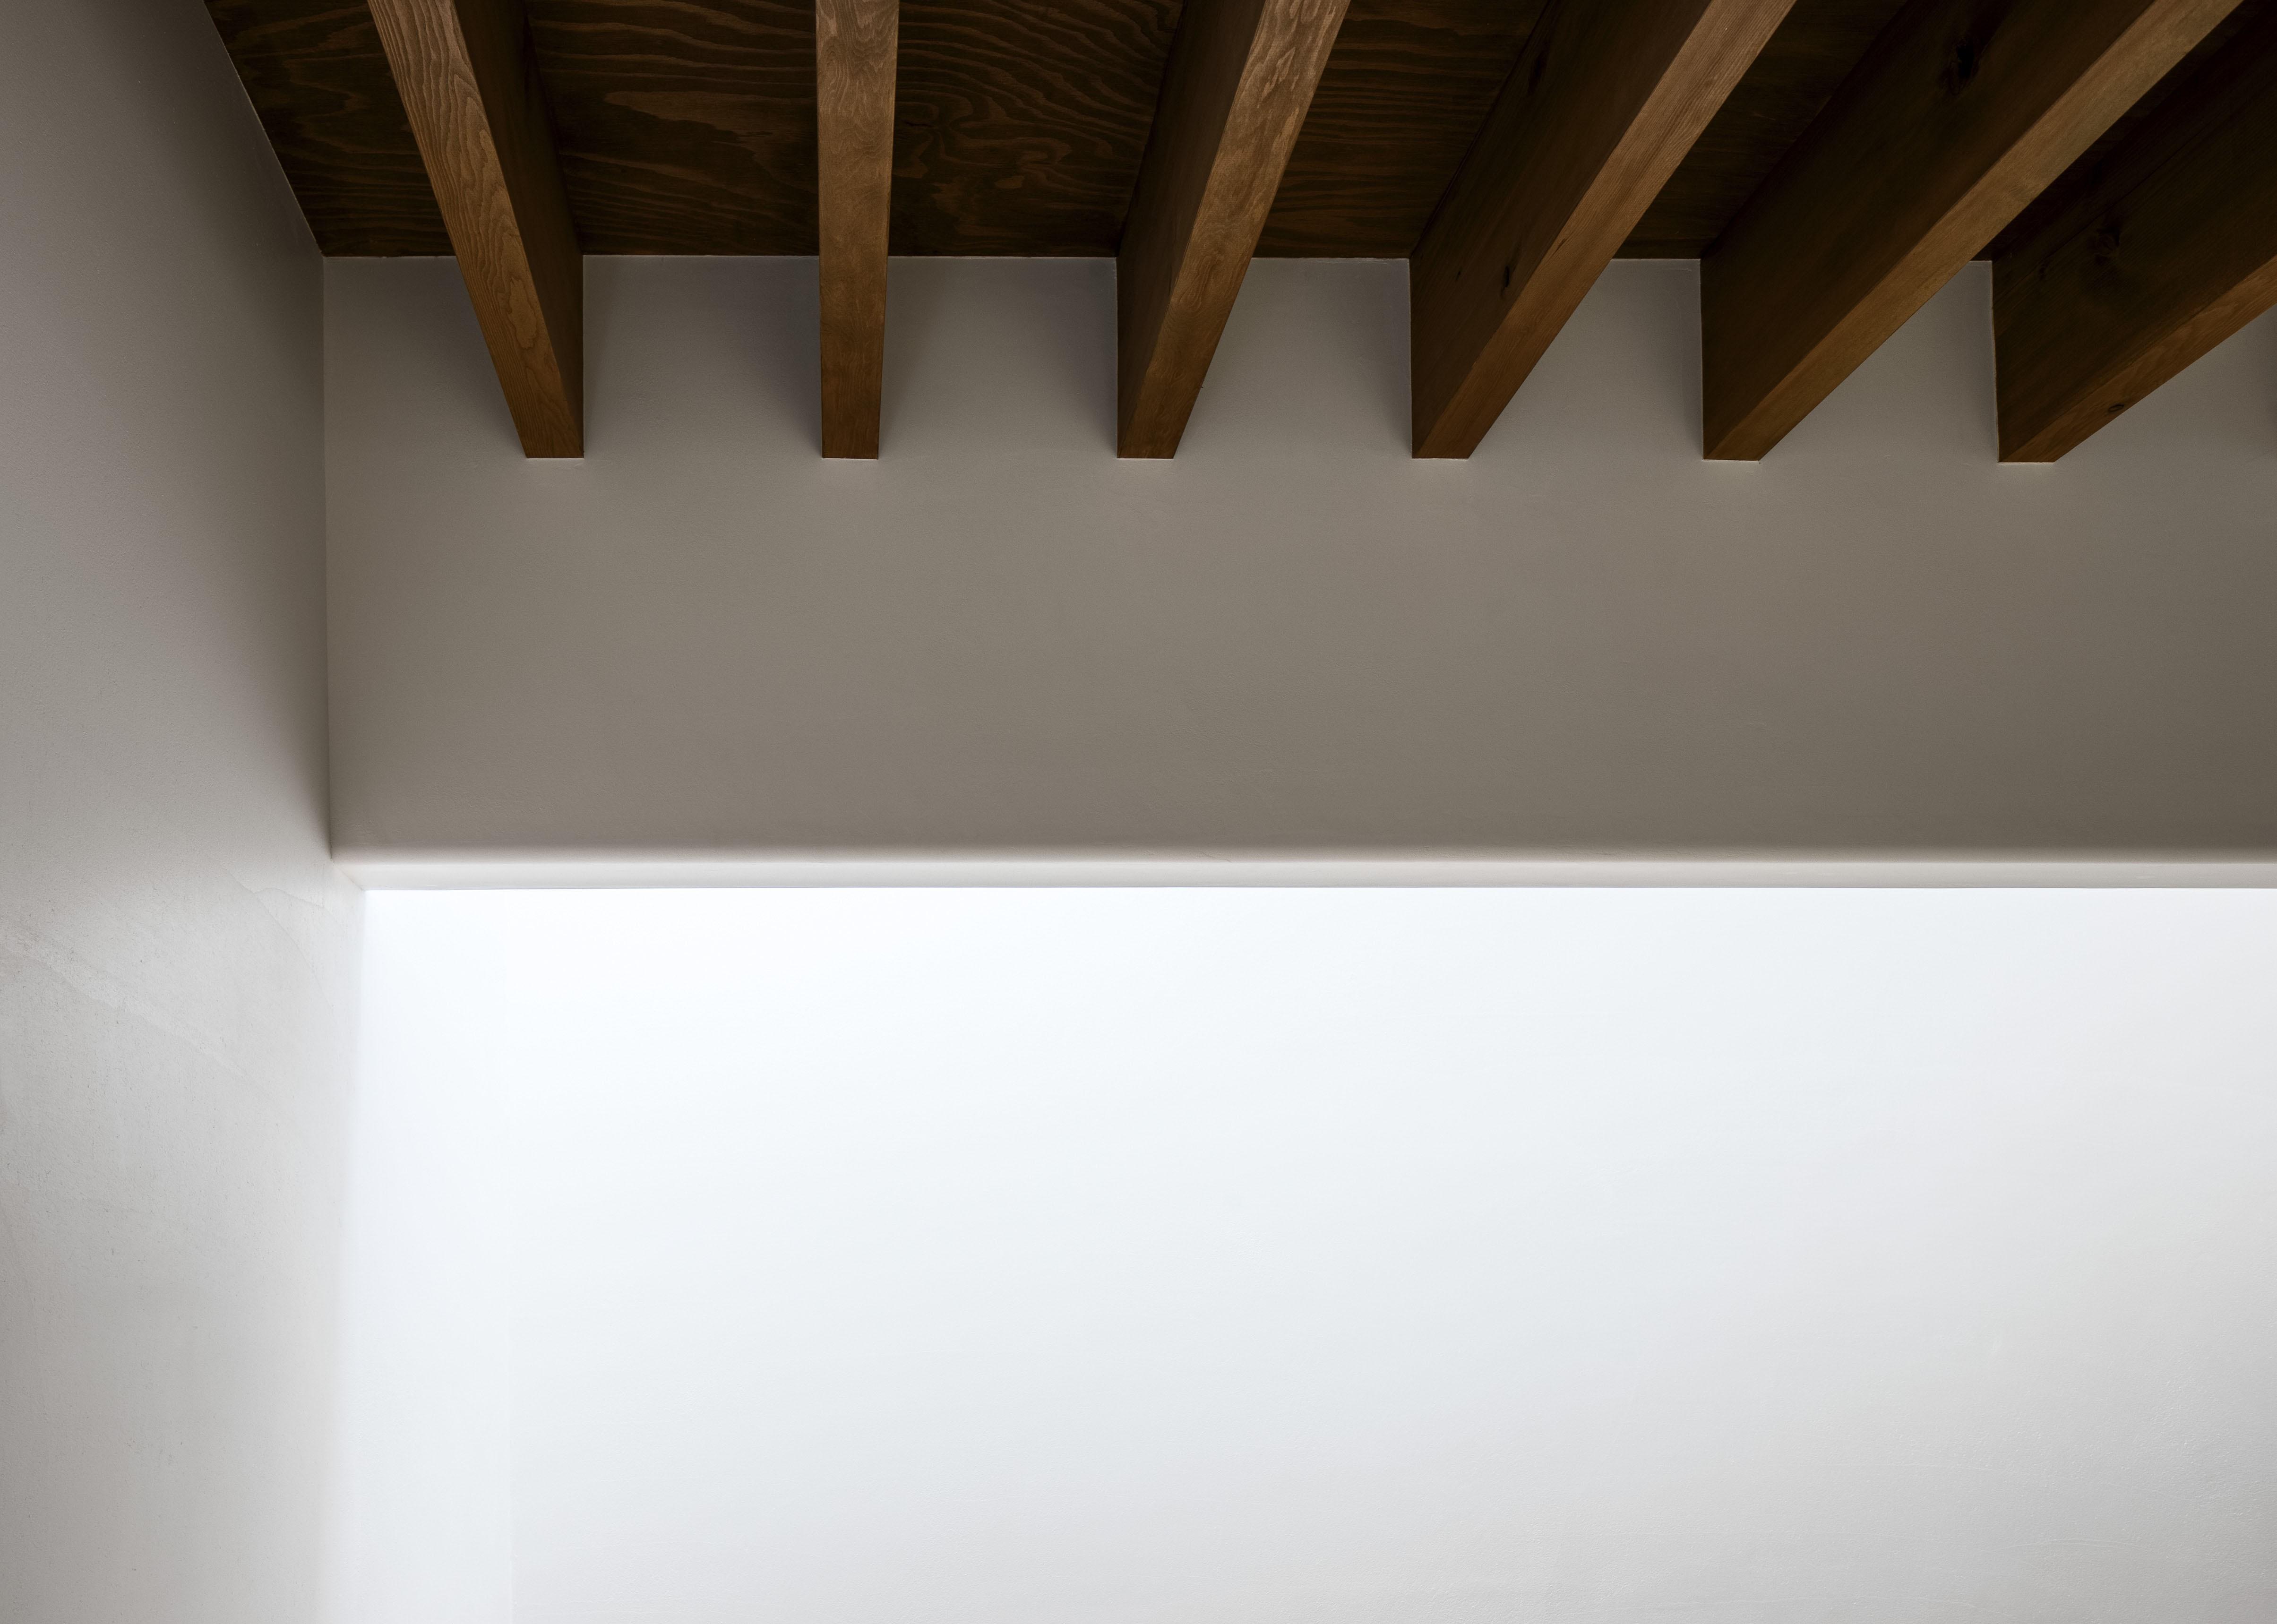 リビングダイニング事例:漆喰の壁と垂木露しの木天井(井の頭О邸 -シームレスに包まれる温もりの家-)